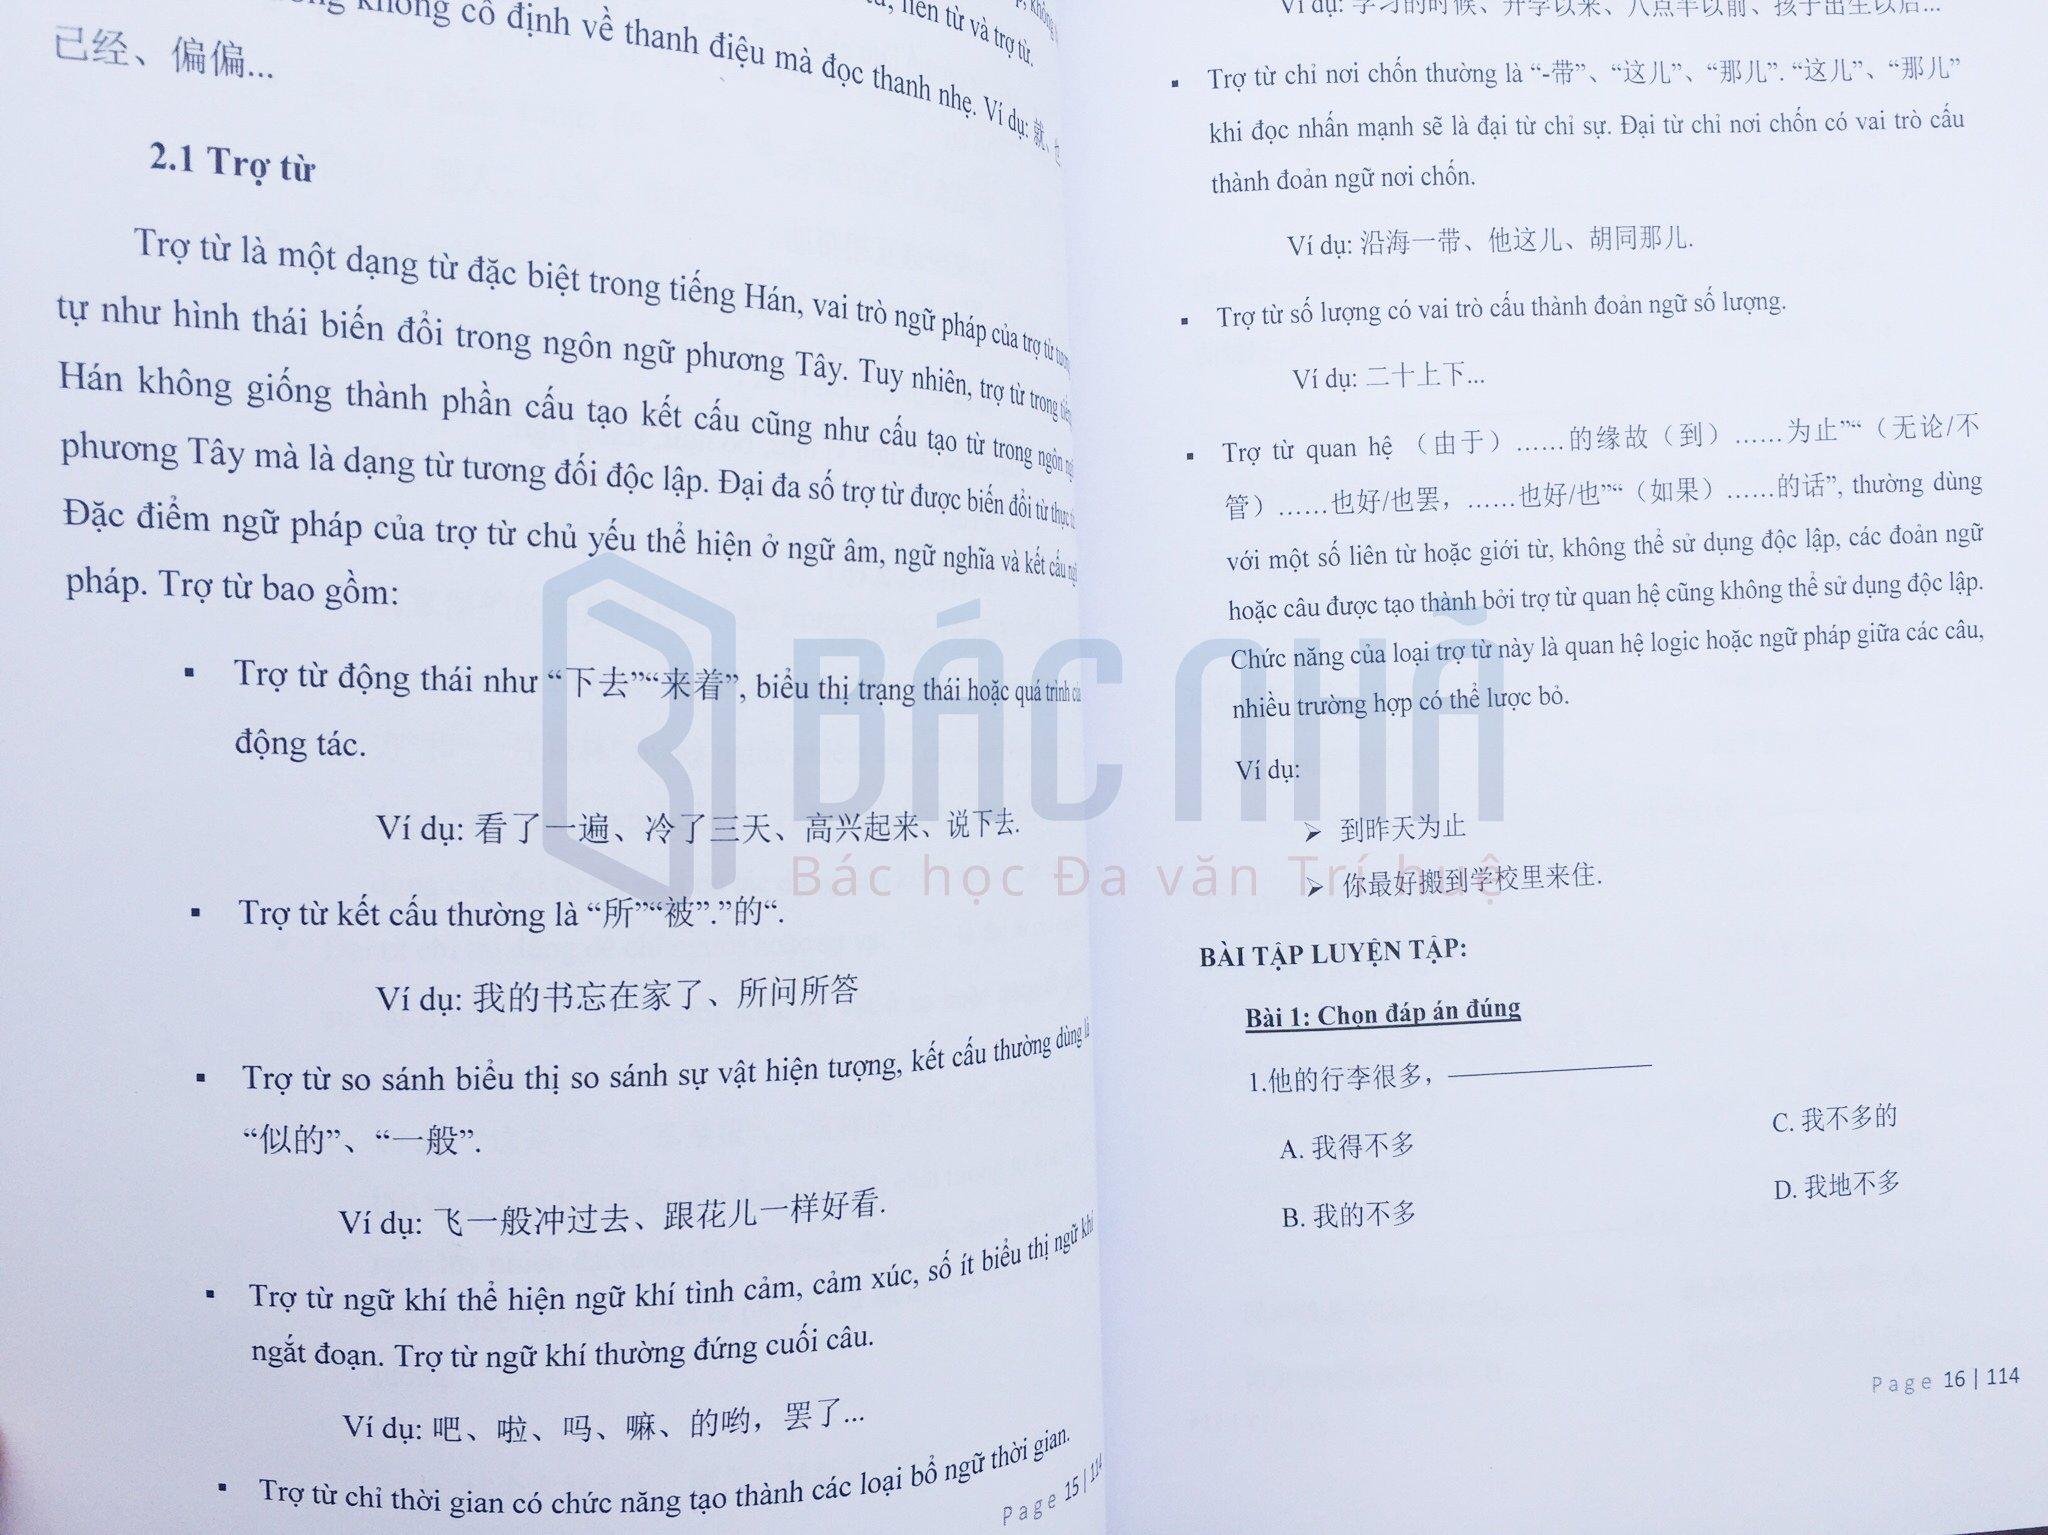 Hình ảnh bộ giáo trình tiếng Trung tốt nhất 11